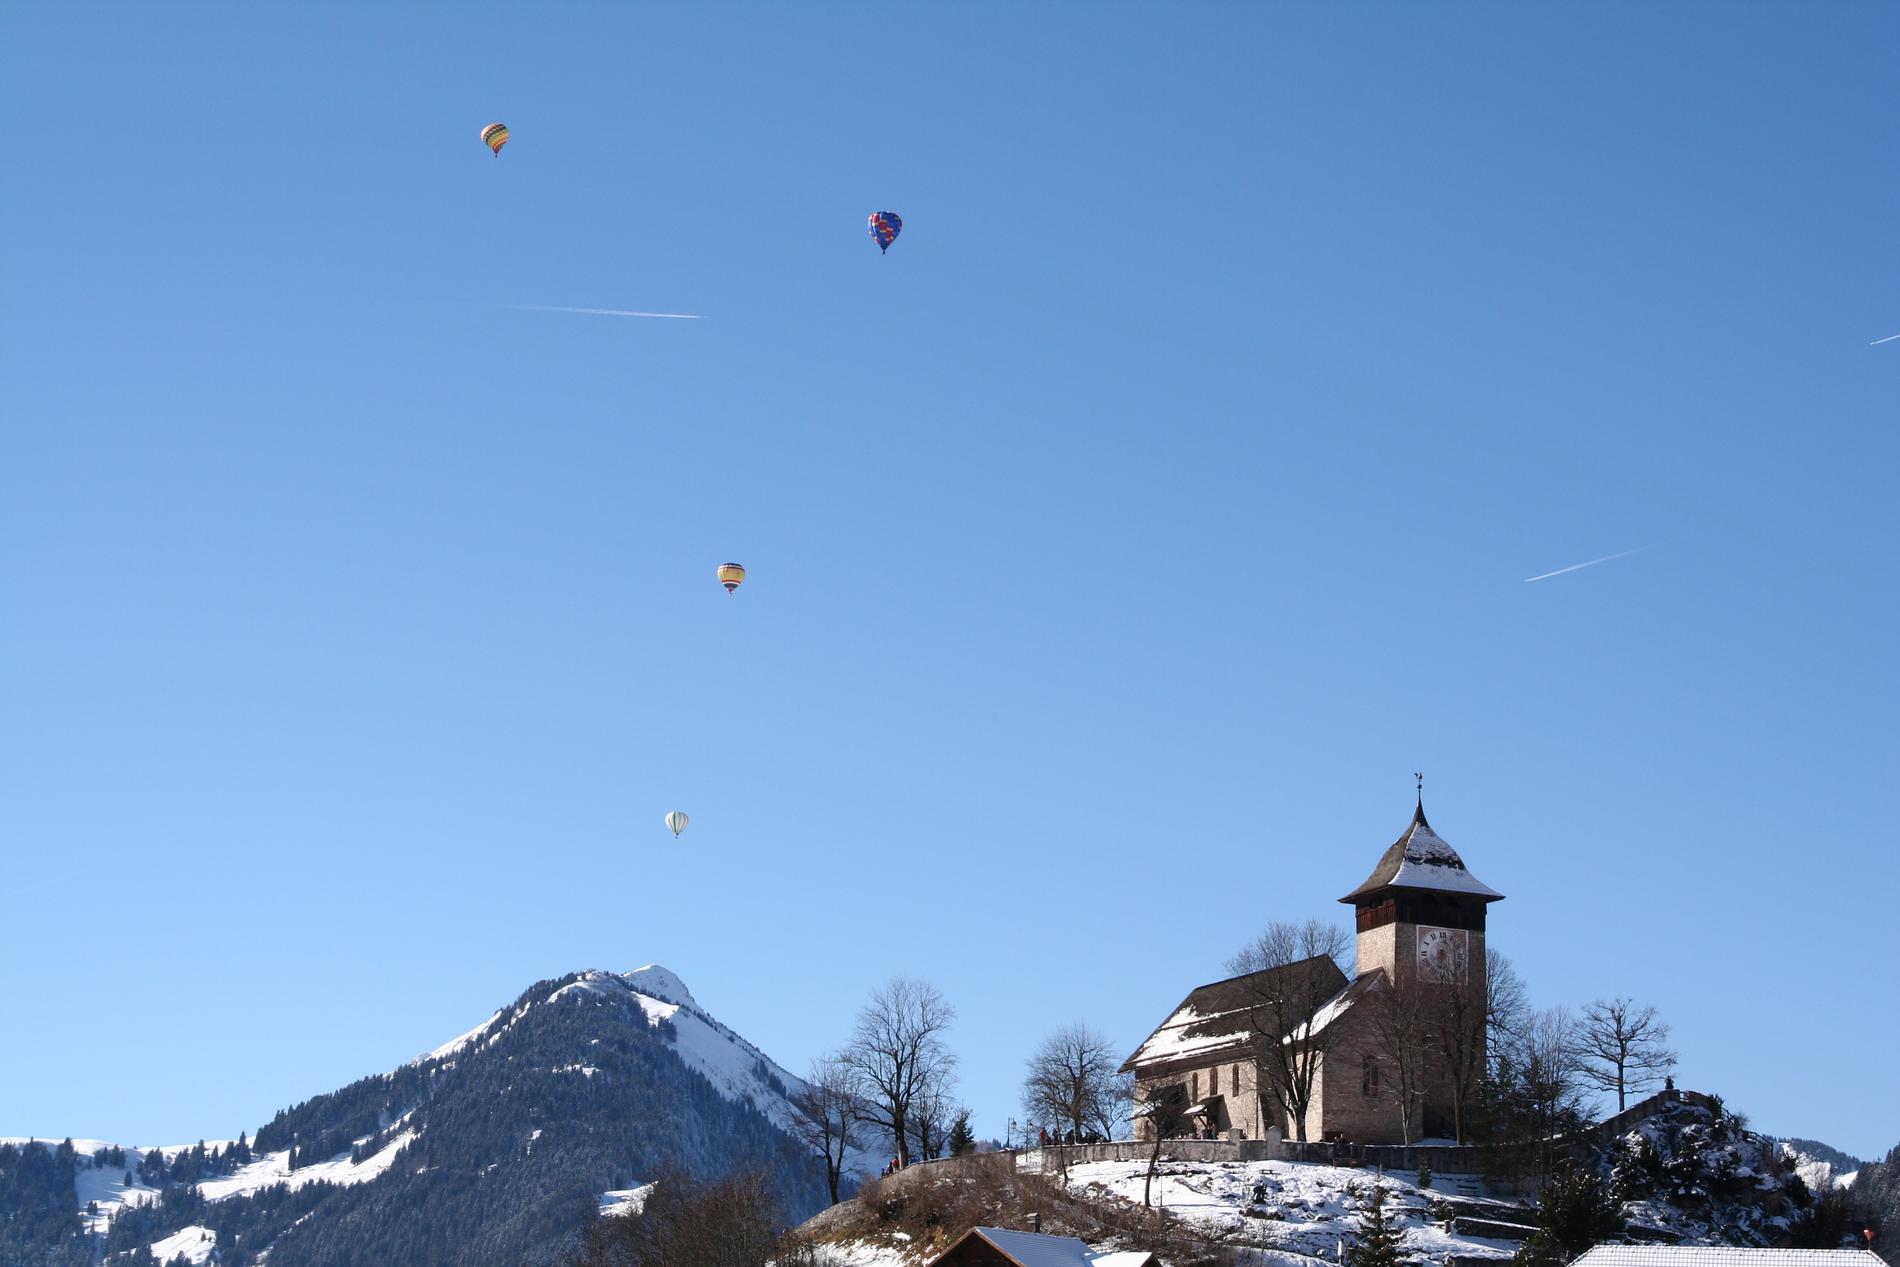 I Chateau D'oex kan du åka luftballong både på vintern och sommaren.